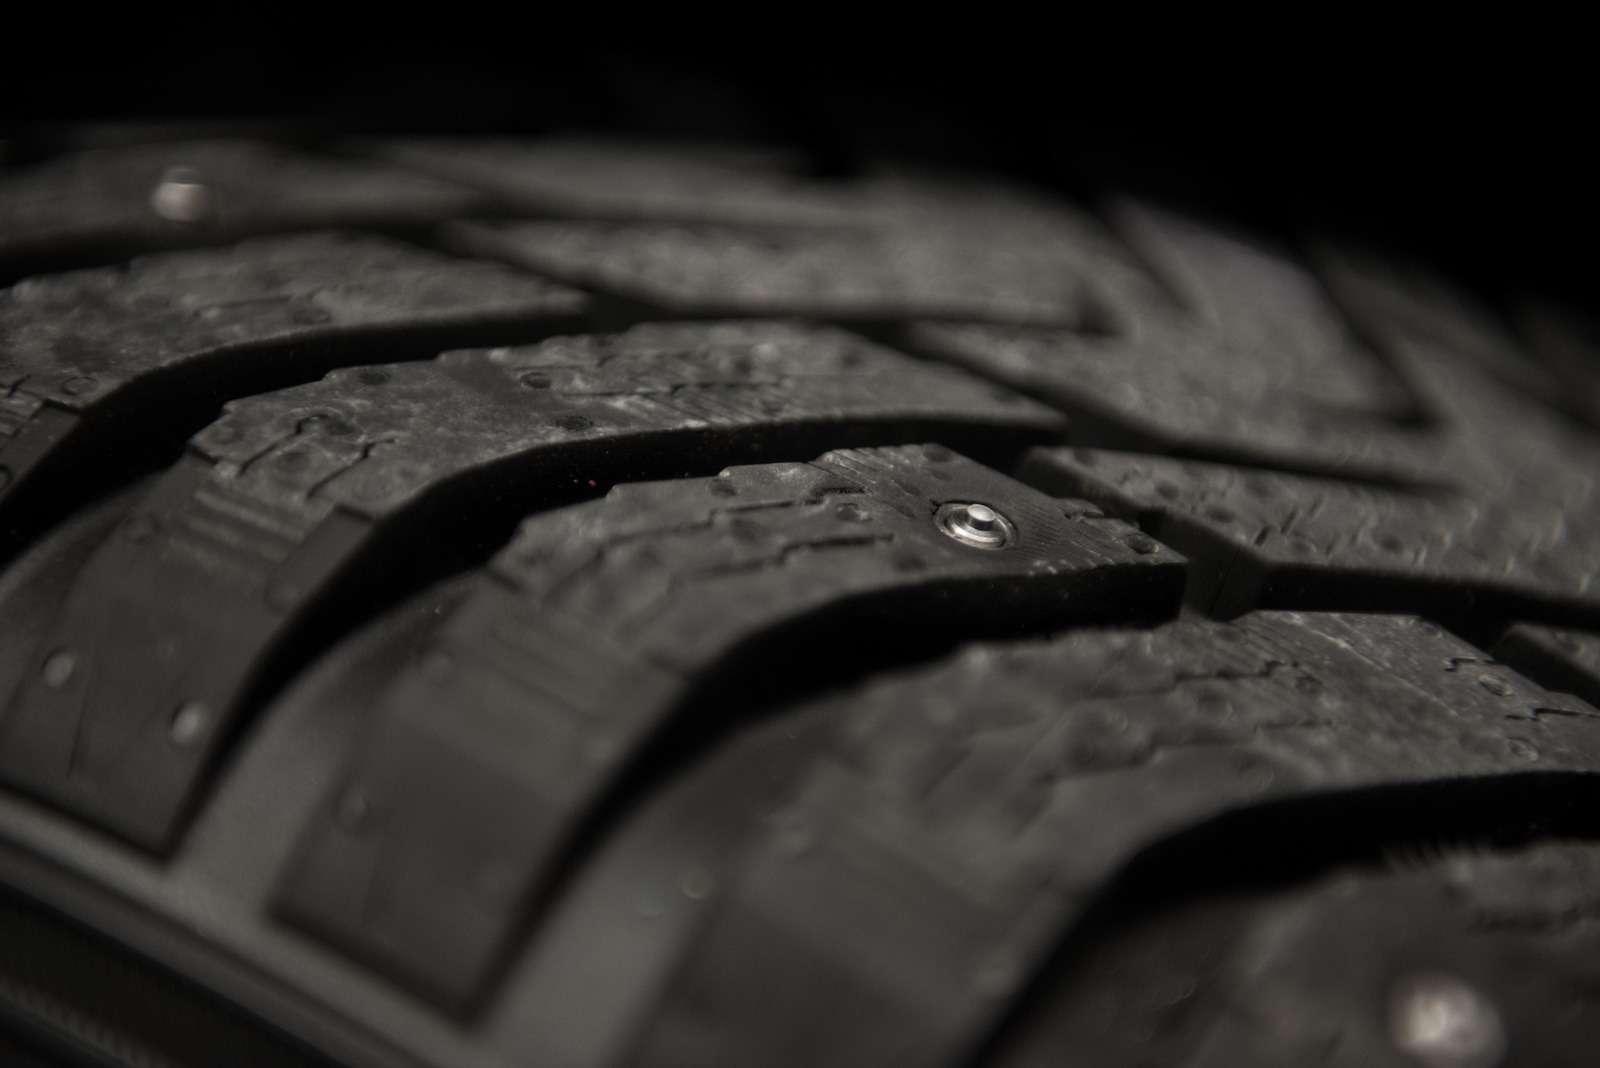 Studded_Nokian_Hakkapeliitta_concept_tyre_2_2014_новый размер